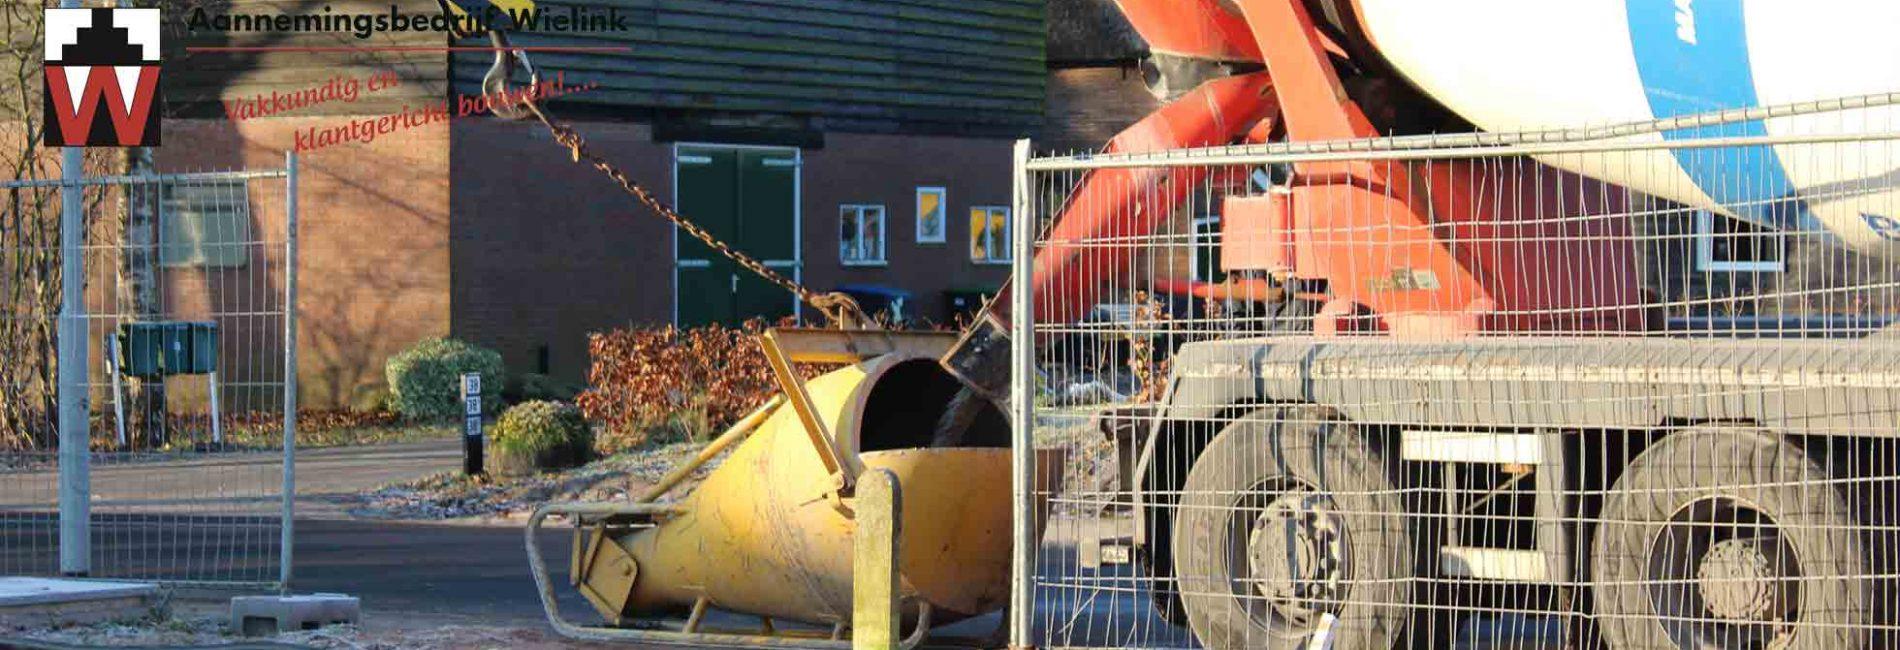 betonvloer laten storten door aannemersbedrijf wielink